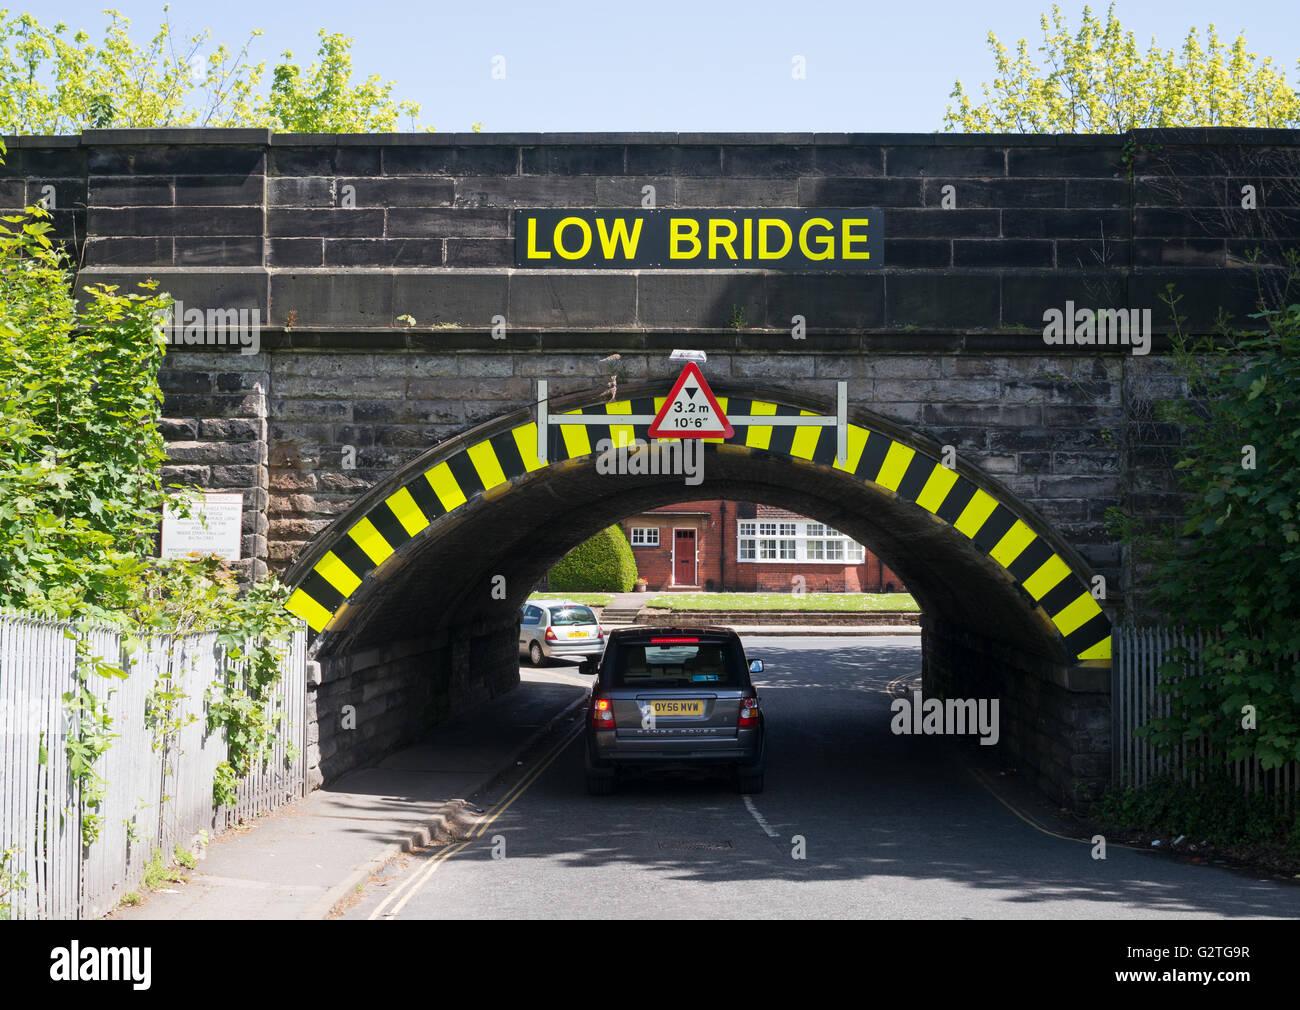 Car passing under low railway bridge over Ellen's Lane, Port Sunlight , Merseyside, England, UK - Stock Image